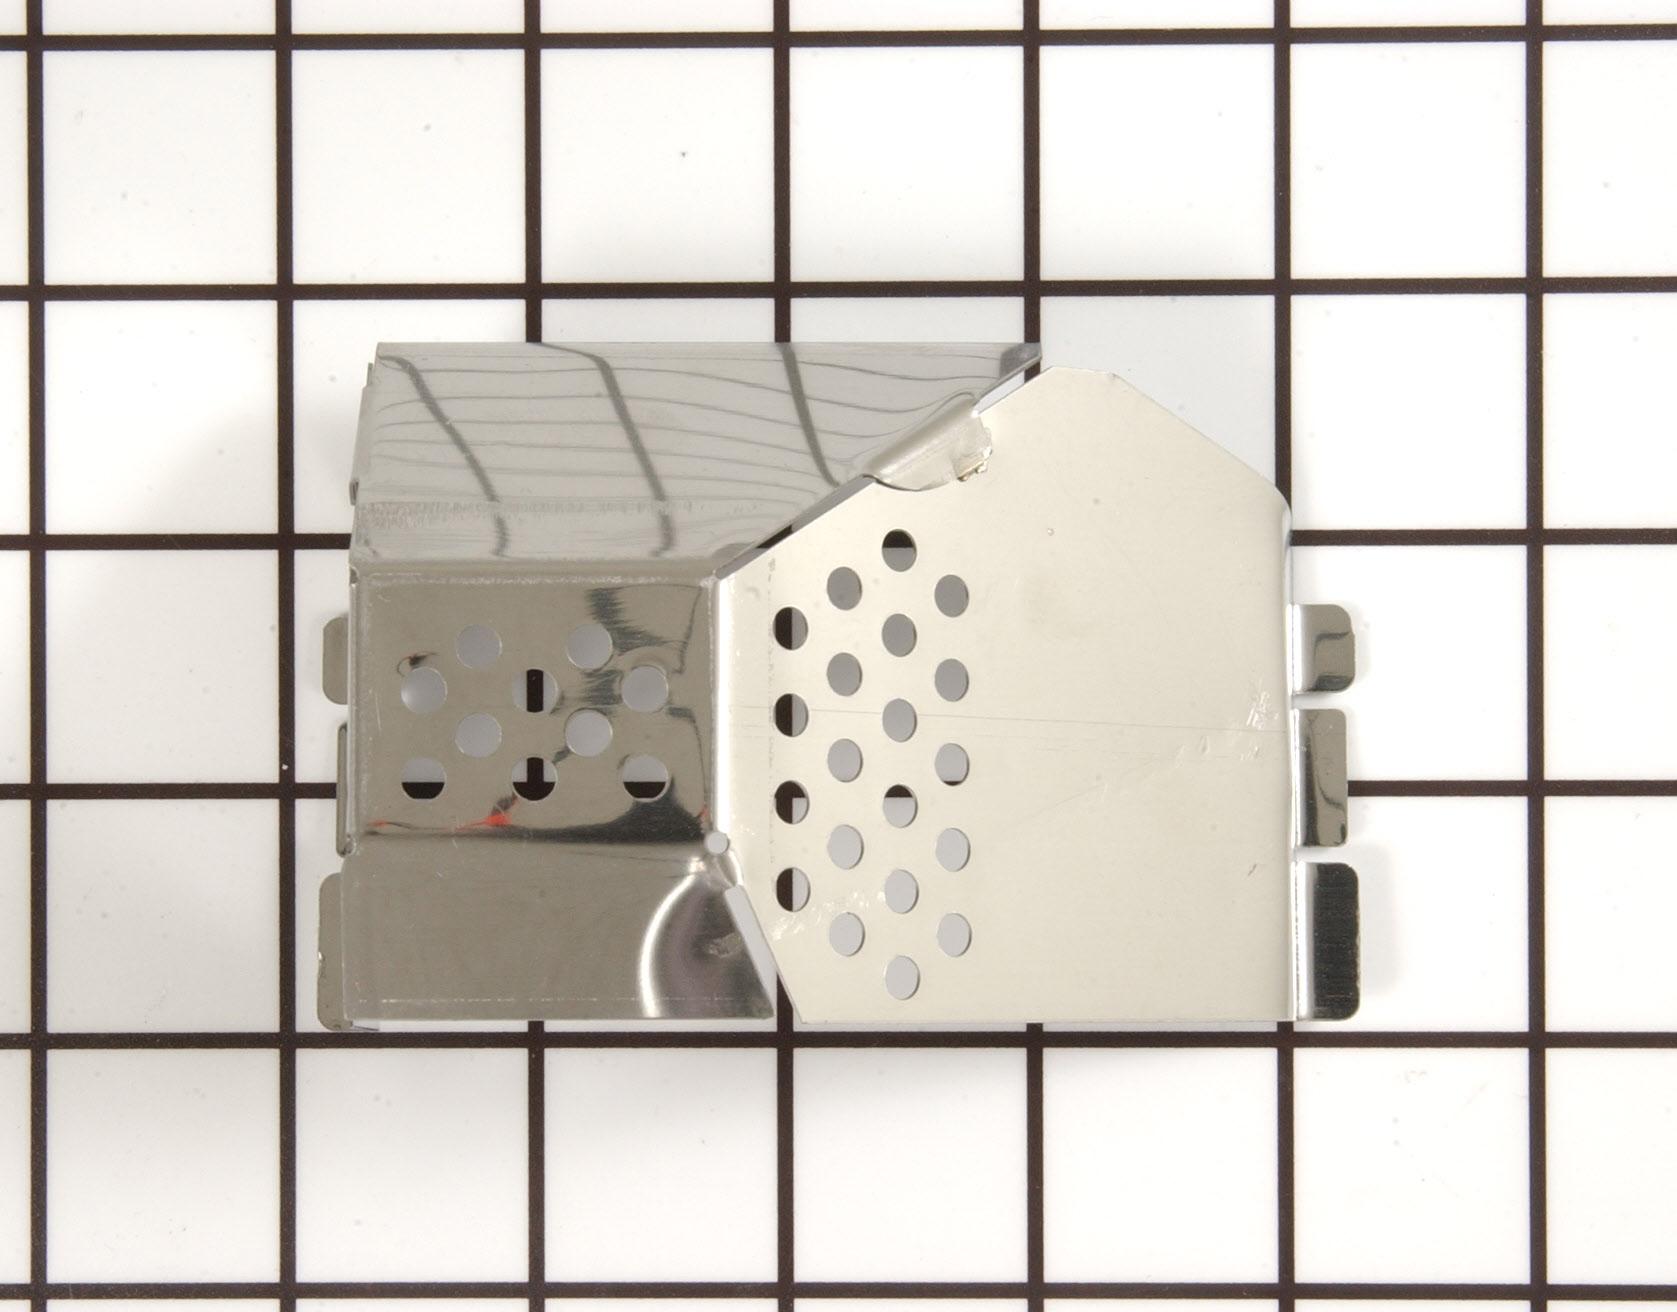 3034W2A002B LG Microwave Part -Heat Shield